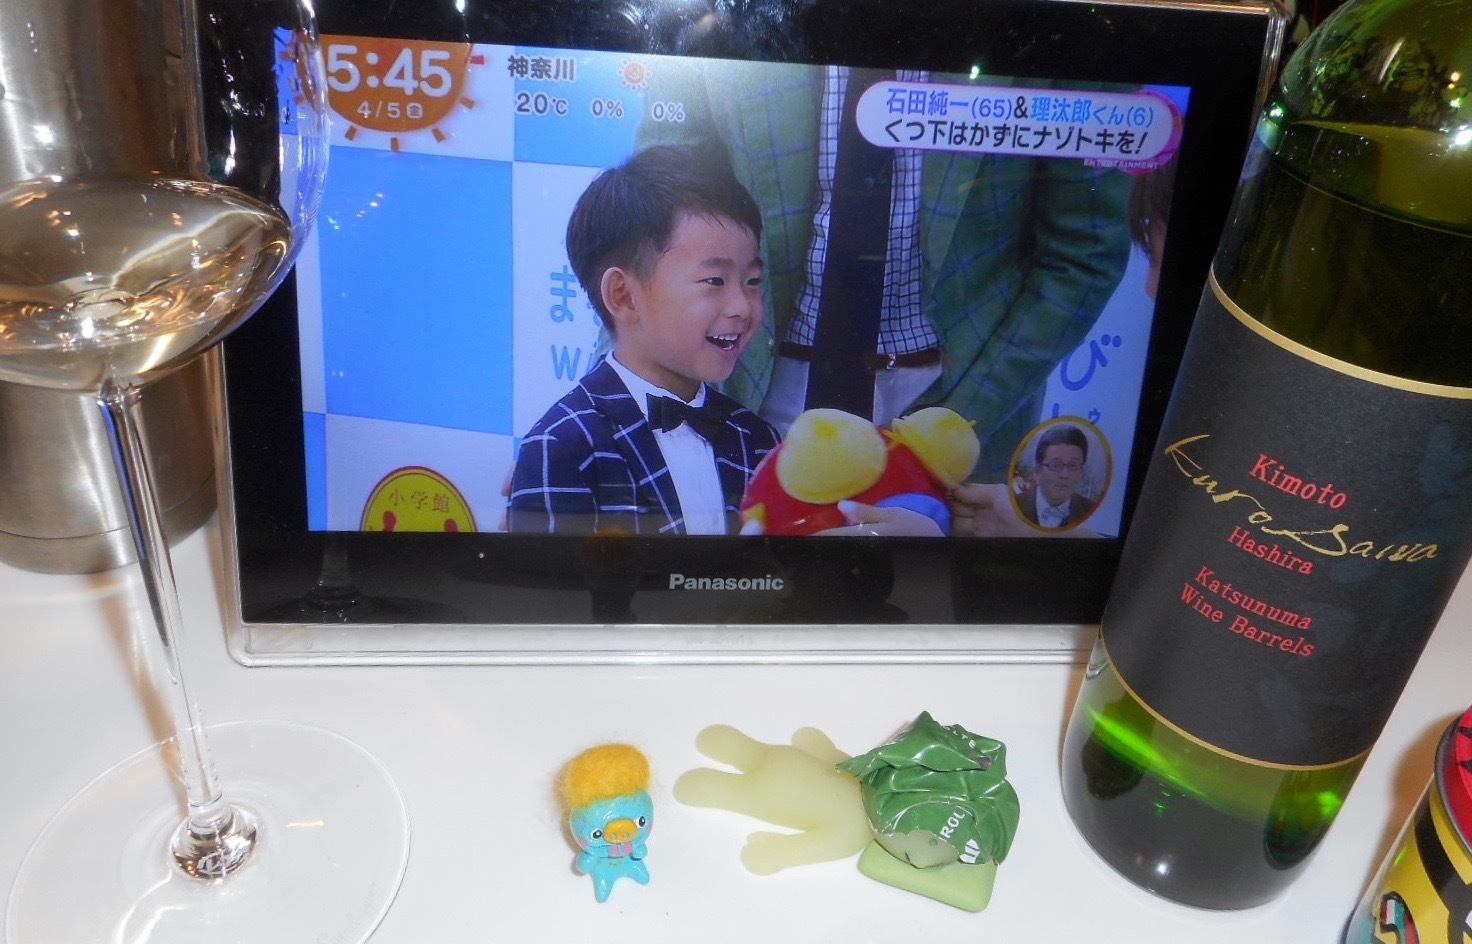 kurosawa_hashira28by4.jpg